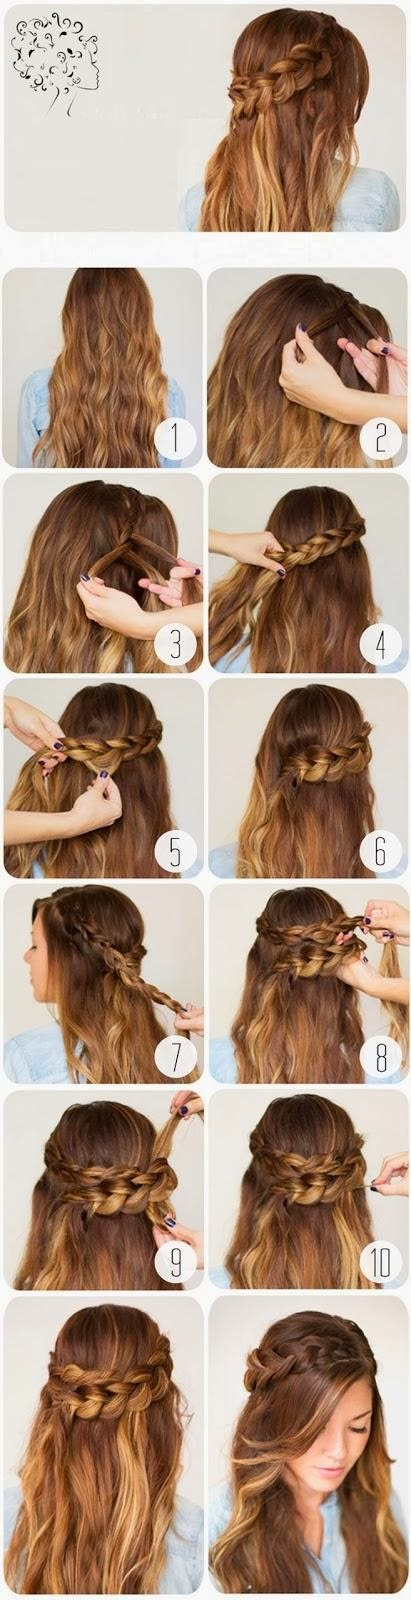 Coupe cheveux carre plongeant degrade photo formation de coiffure en belgique Liste exdnq